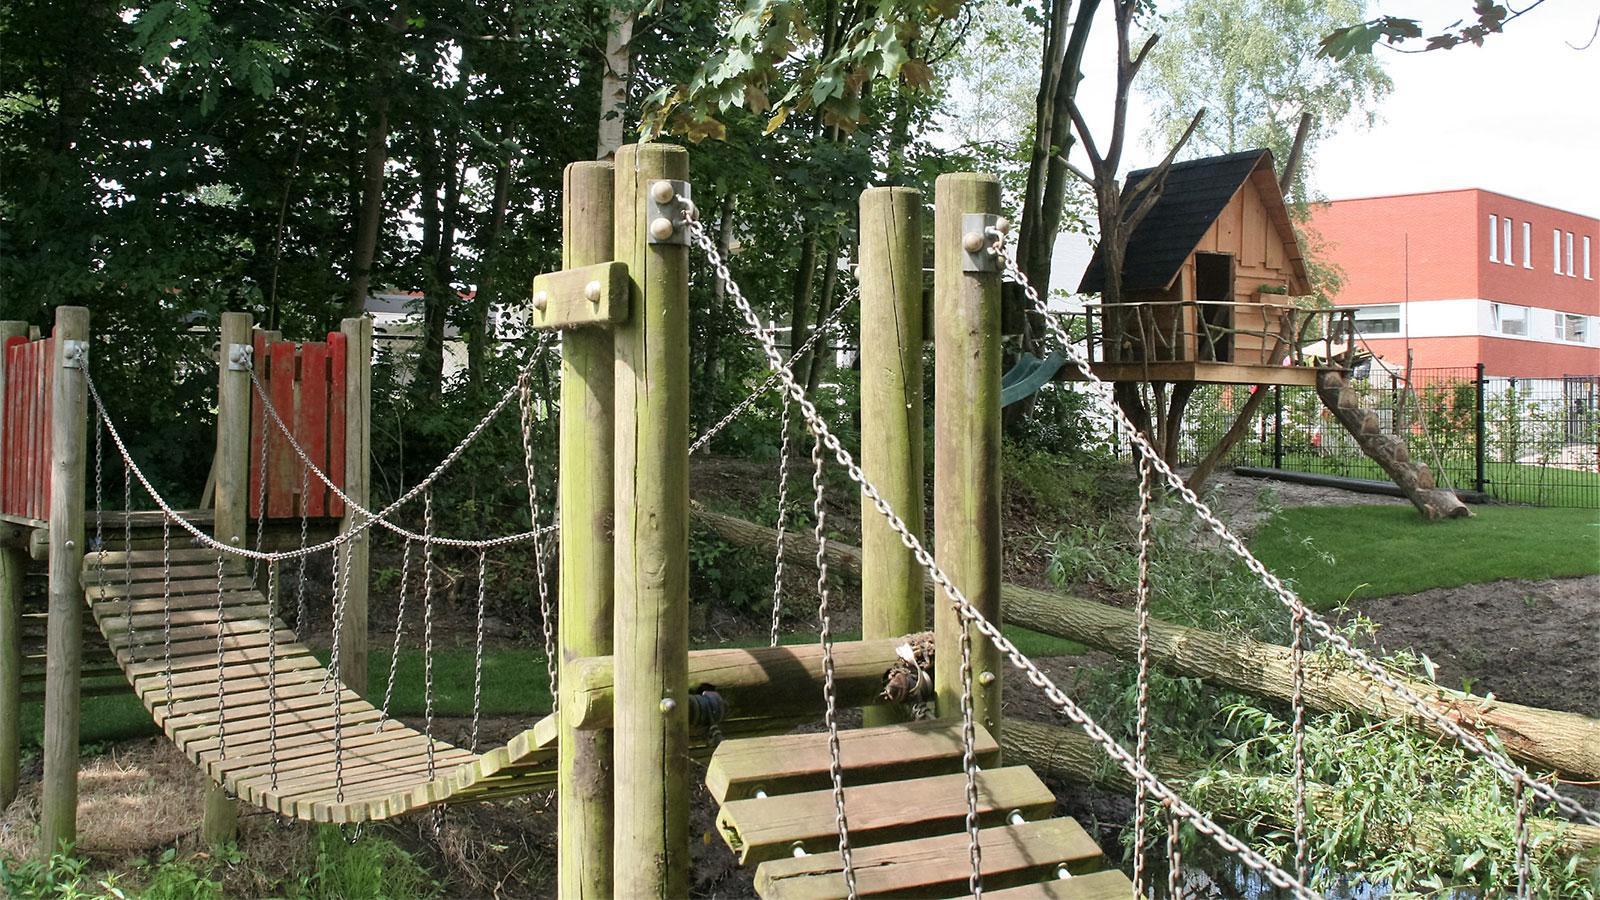 Tuin met hangbrug en boomhut